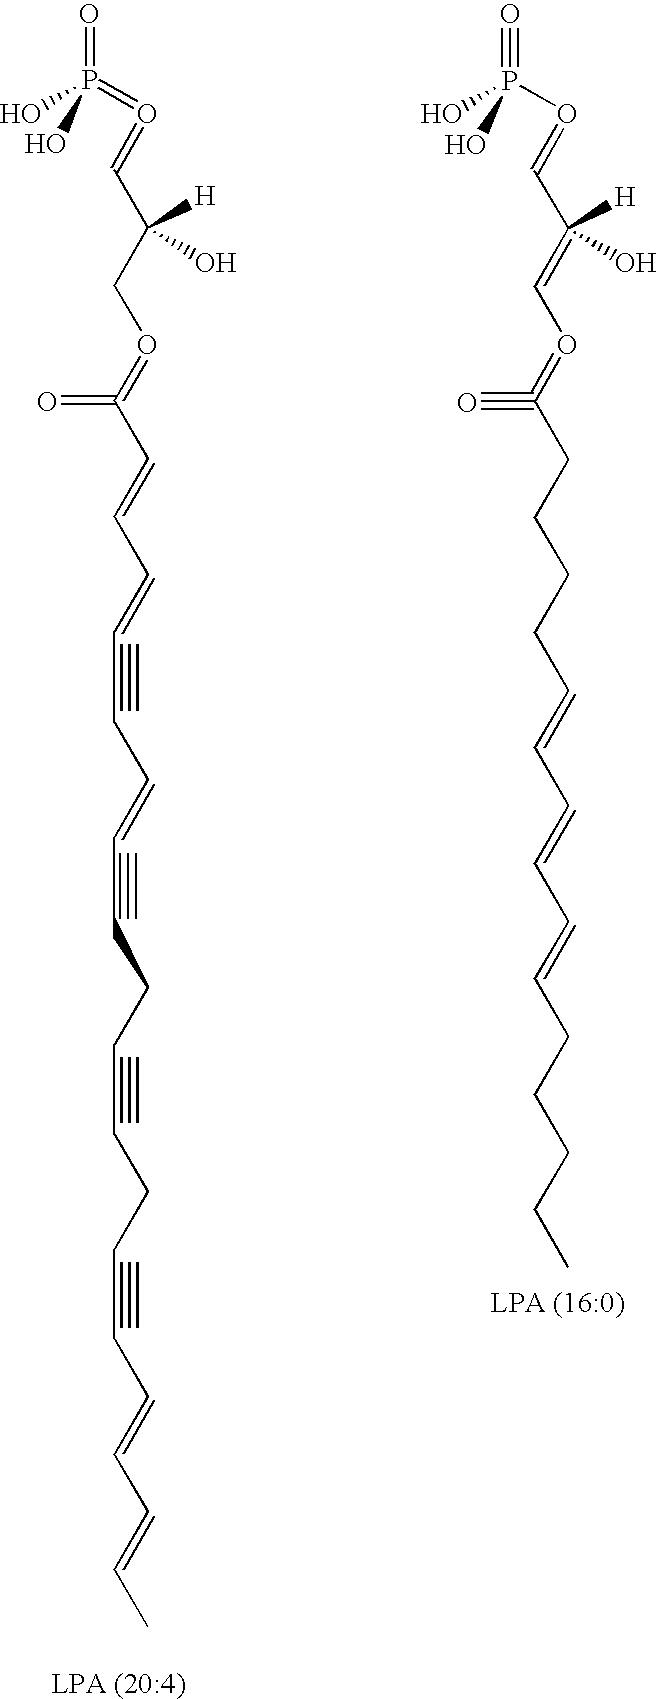 Figure US20090136483A1-20090528-C00001